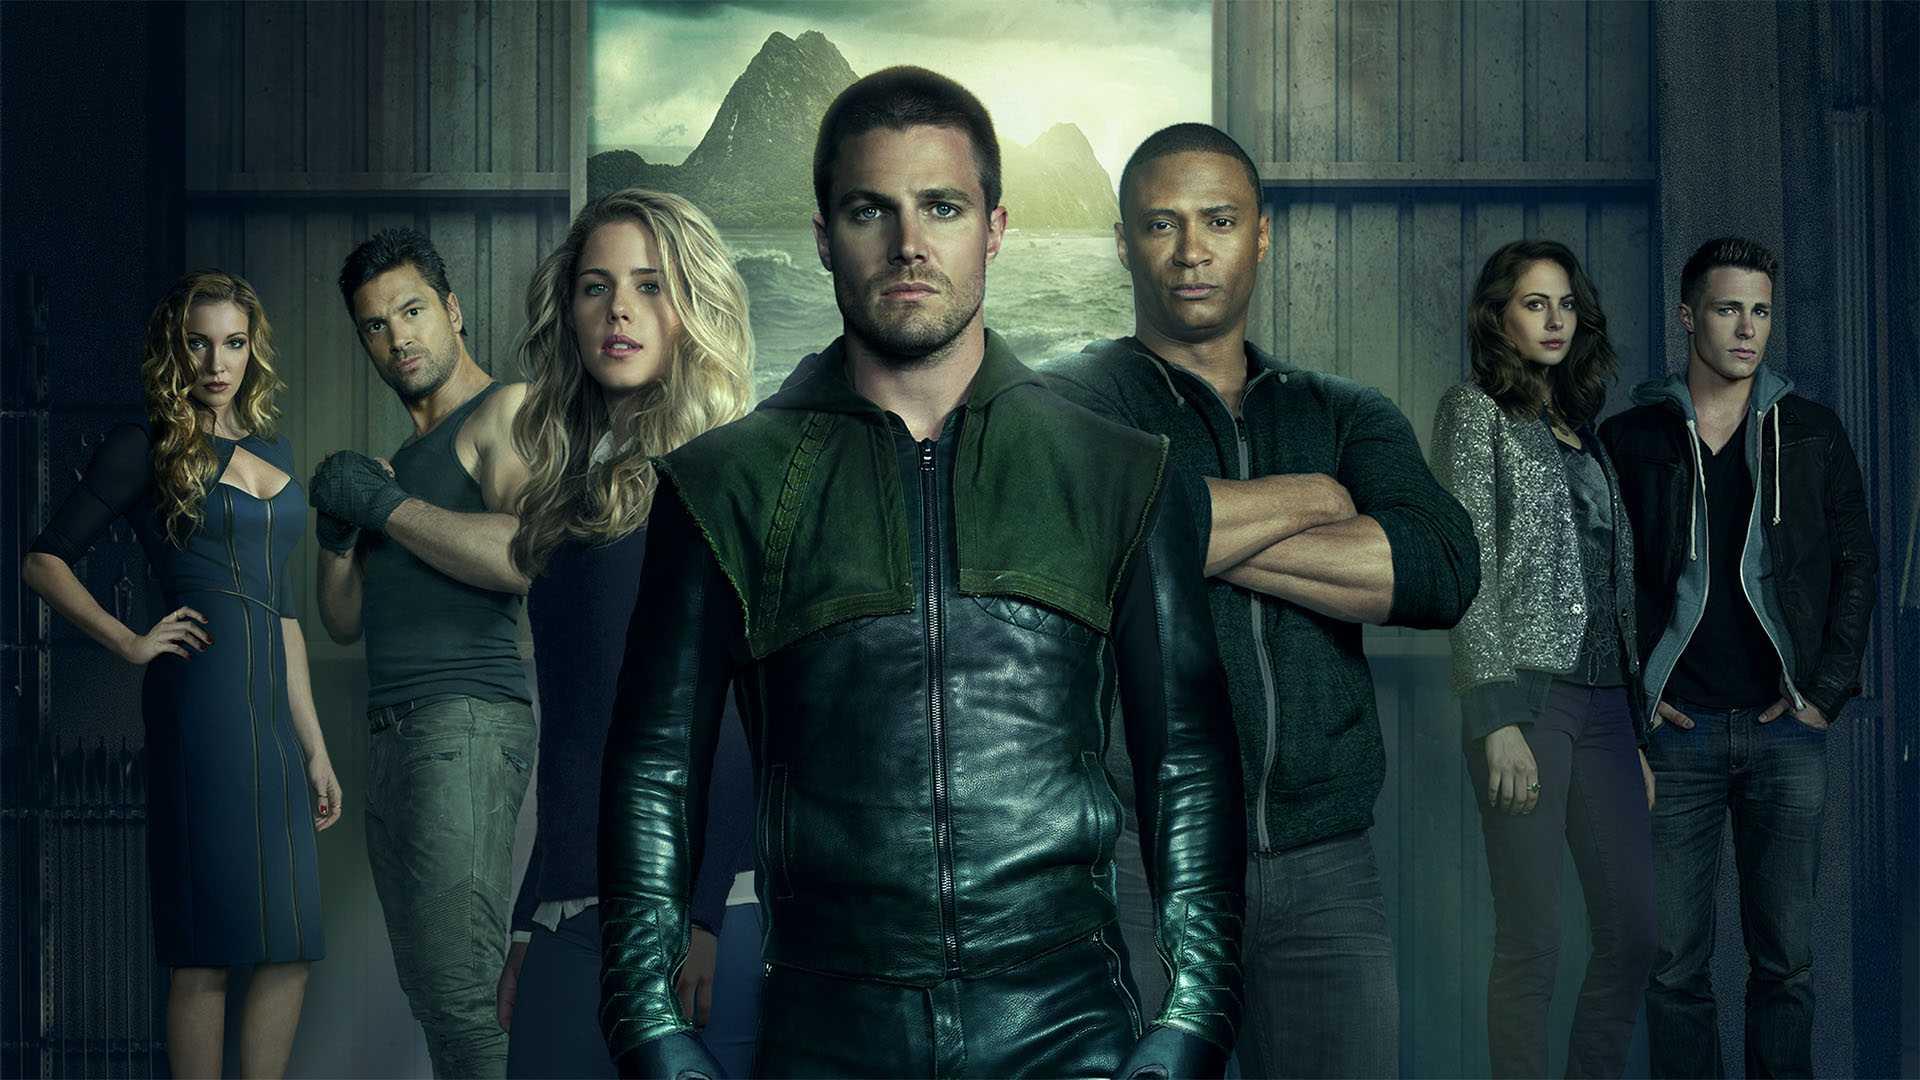 دانلود قسمت 12 فصل سوم سریال Arrow